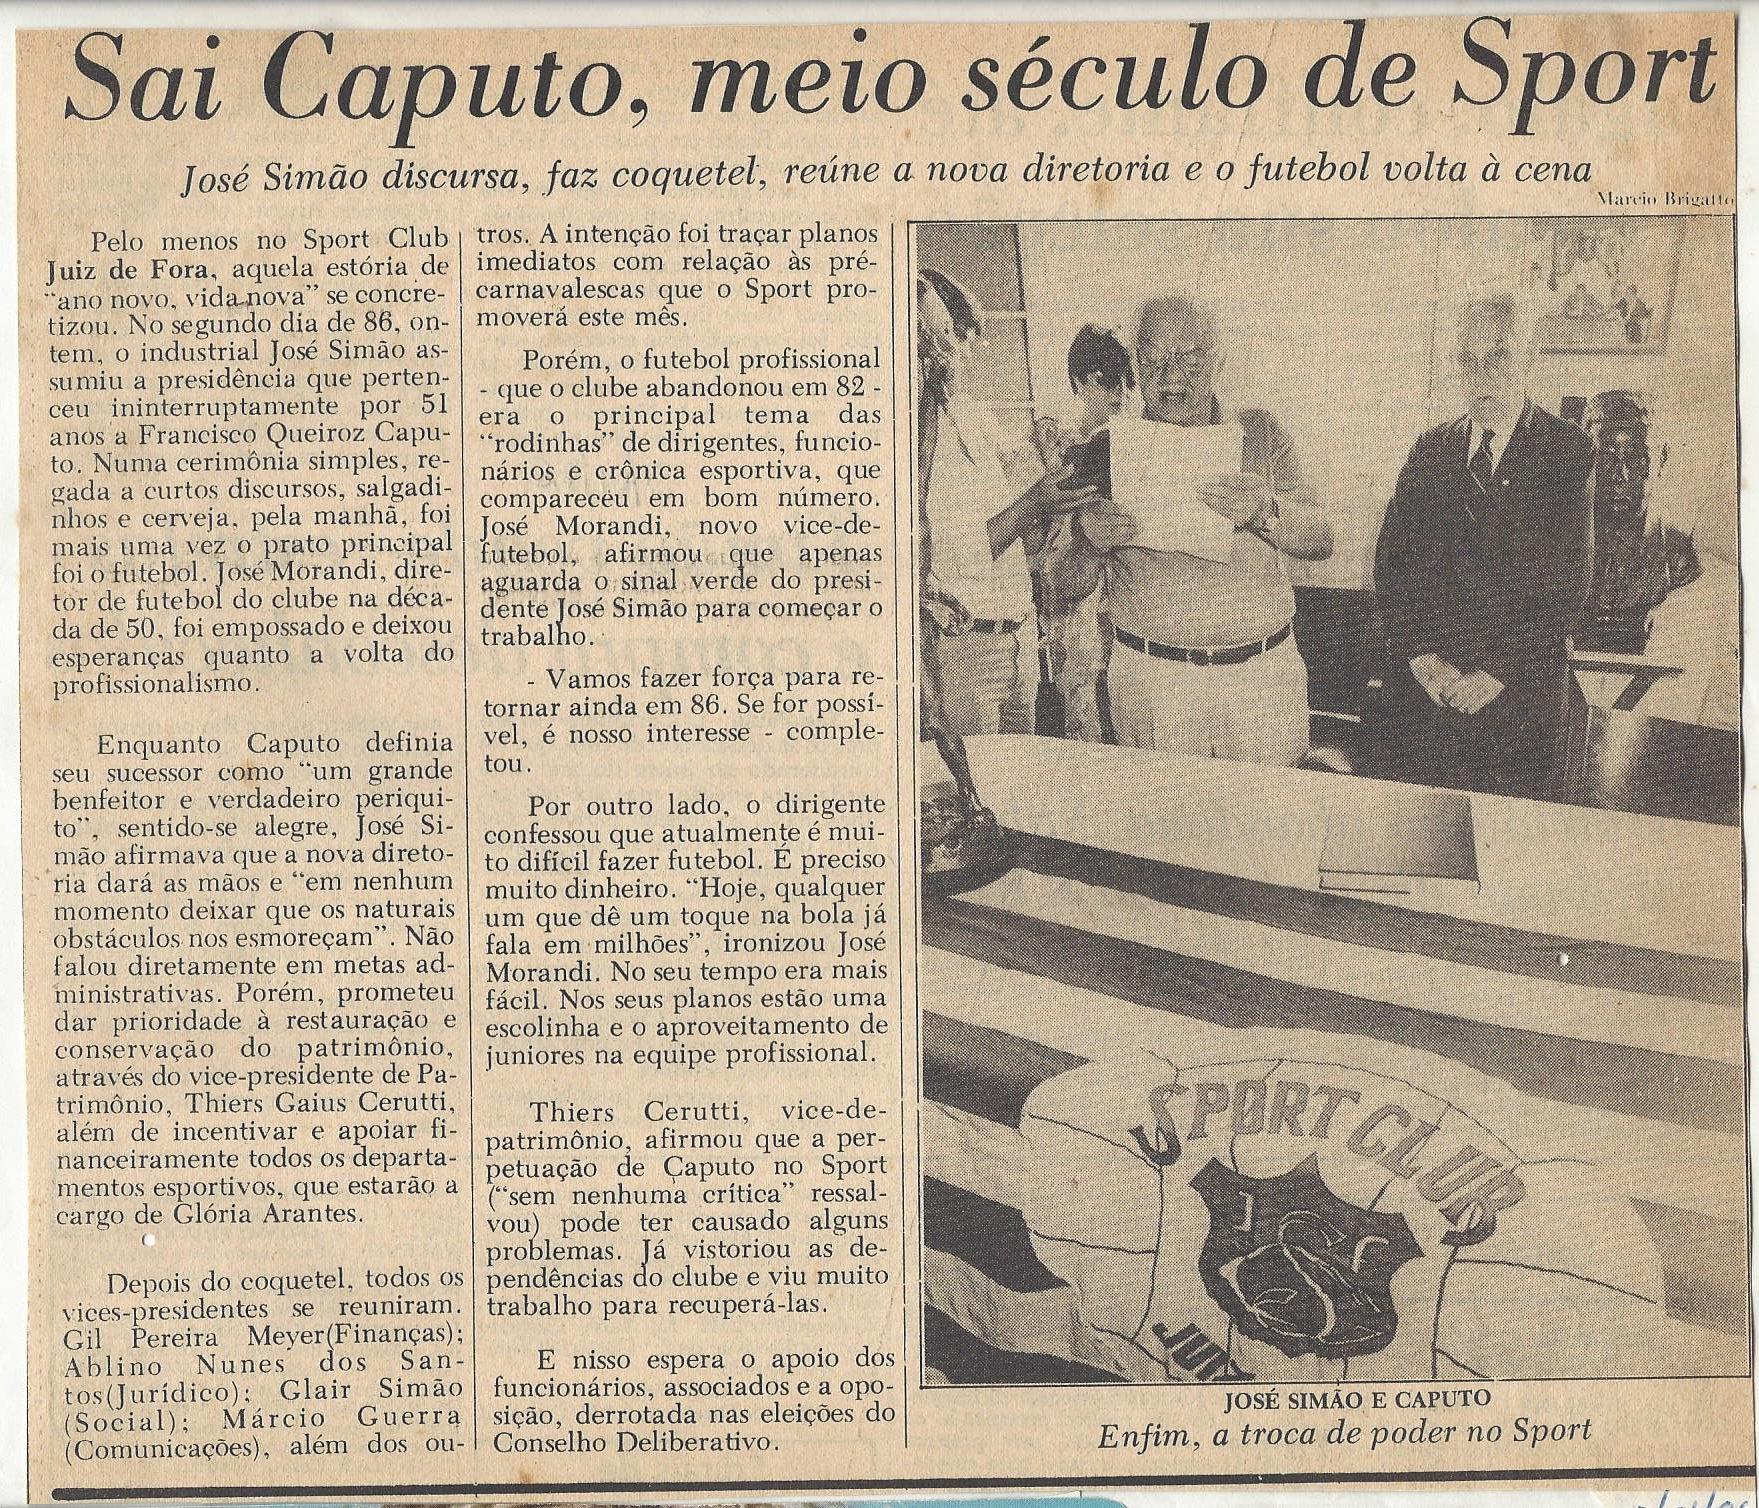 You are currently viewing Sai Caputo, meio século de Sport